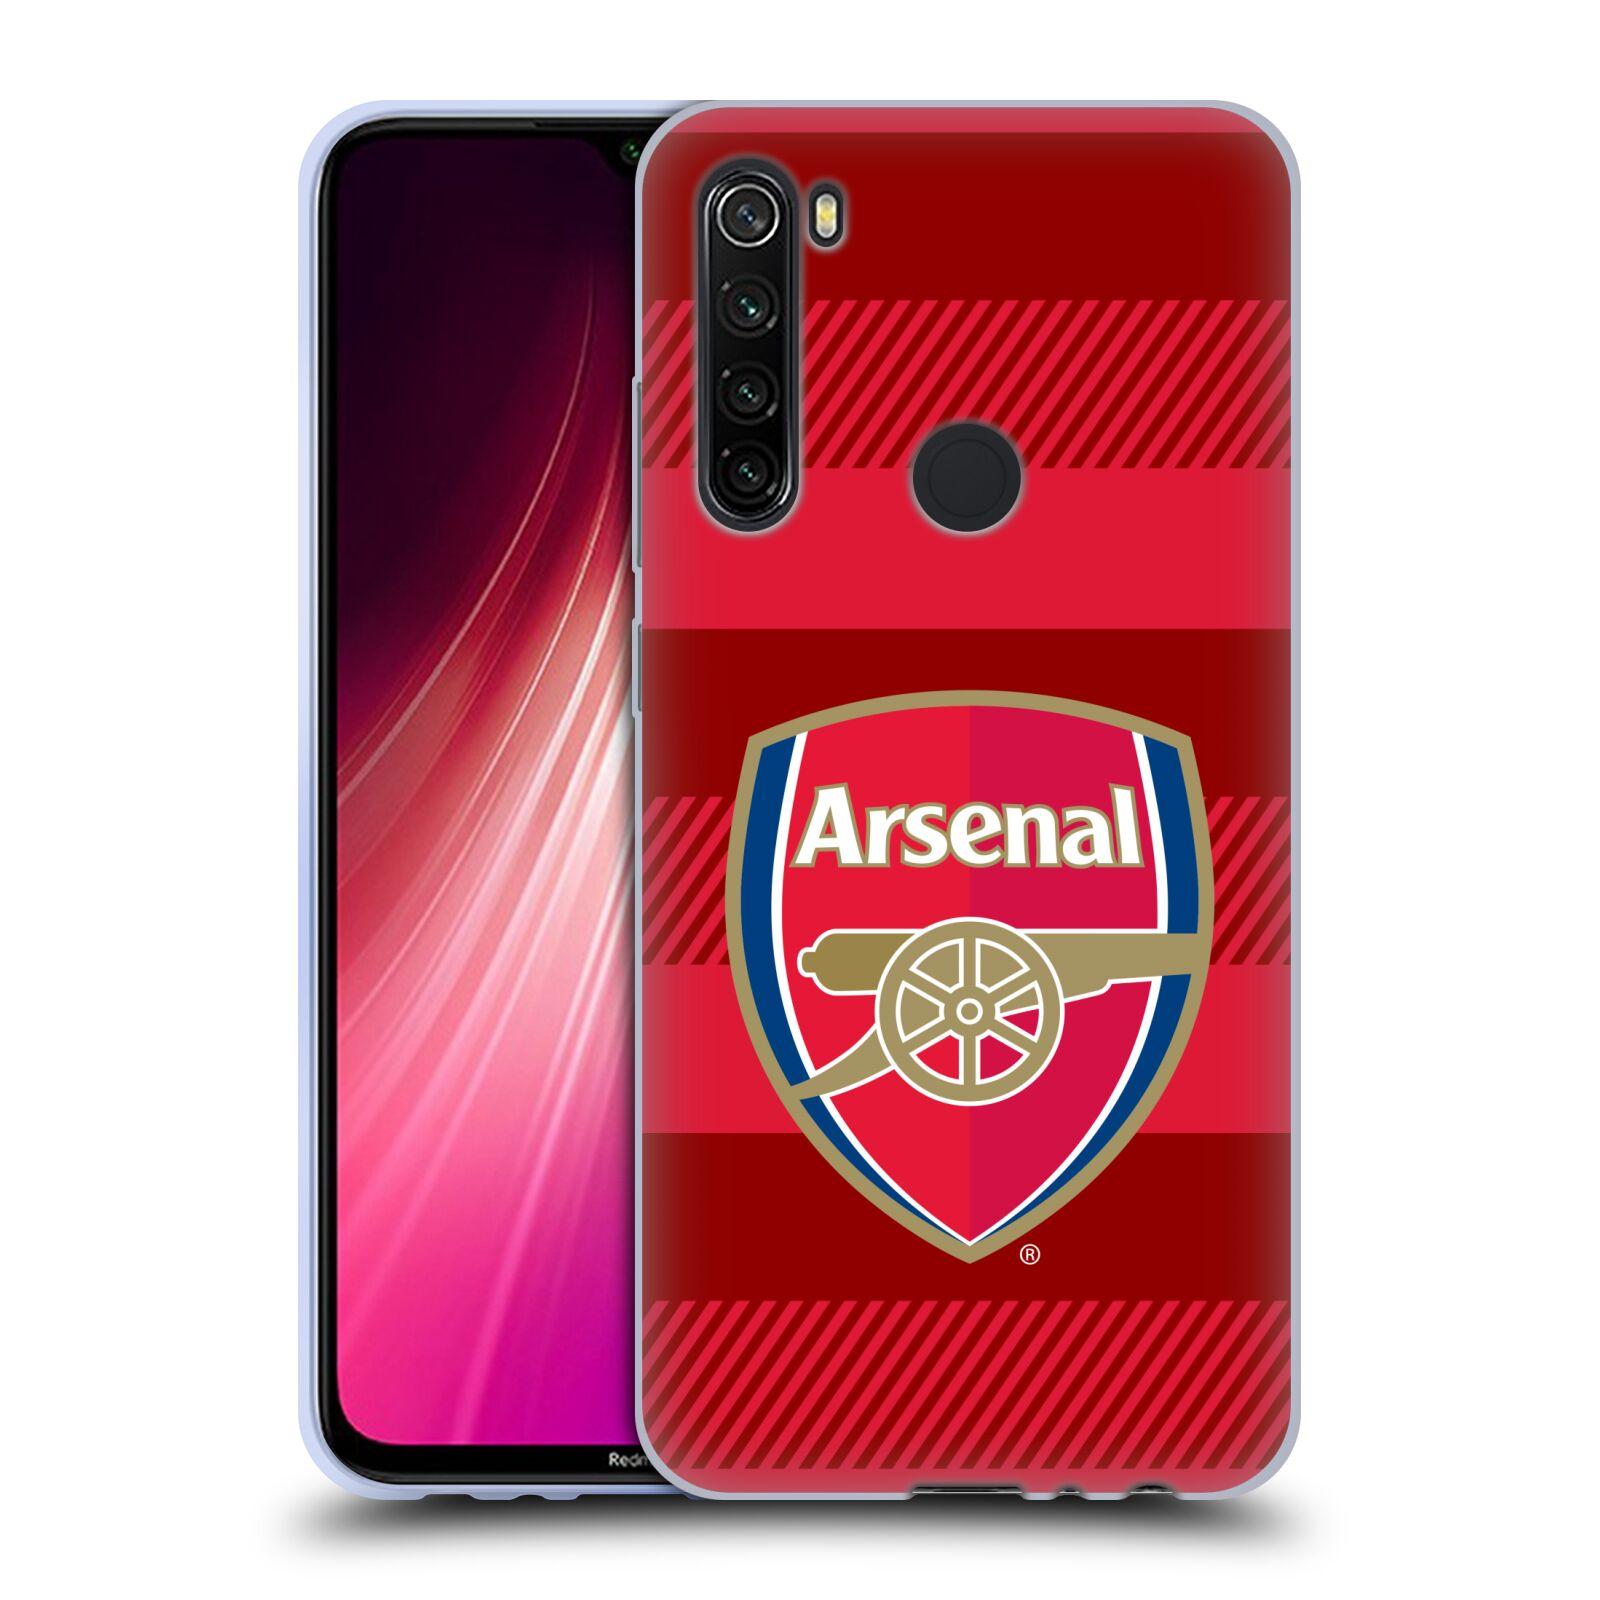 Silikonové pouzdro na mobil Xiaomi Redmi Note 8T - Head Case - Arsenal FC - Logo s pruhy